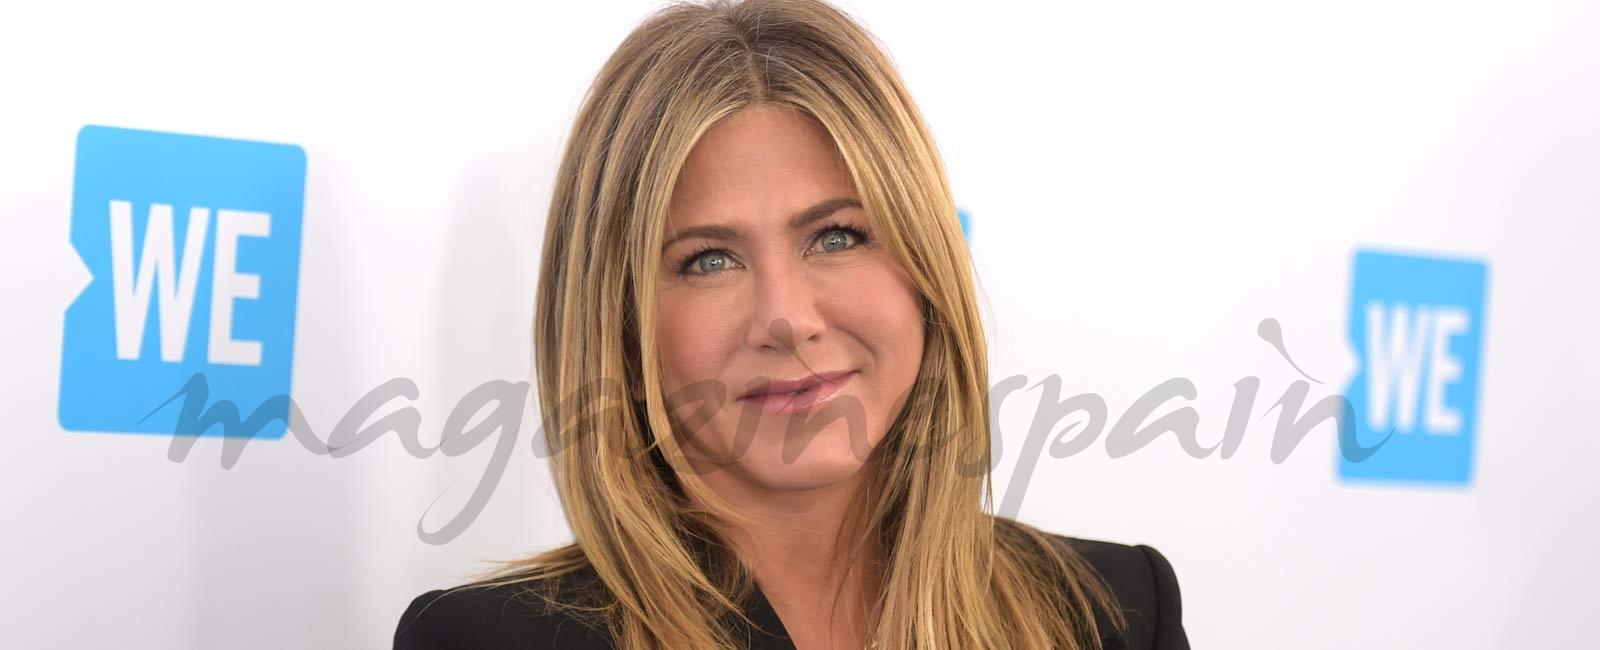 ¡Qué tiemble Donald Trump!… Jennifer Aniston será la nueva presidenta de Estados Unidos